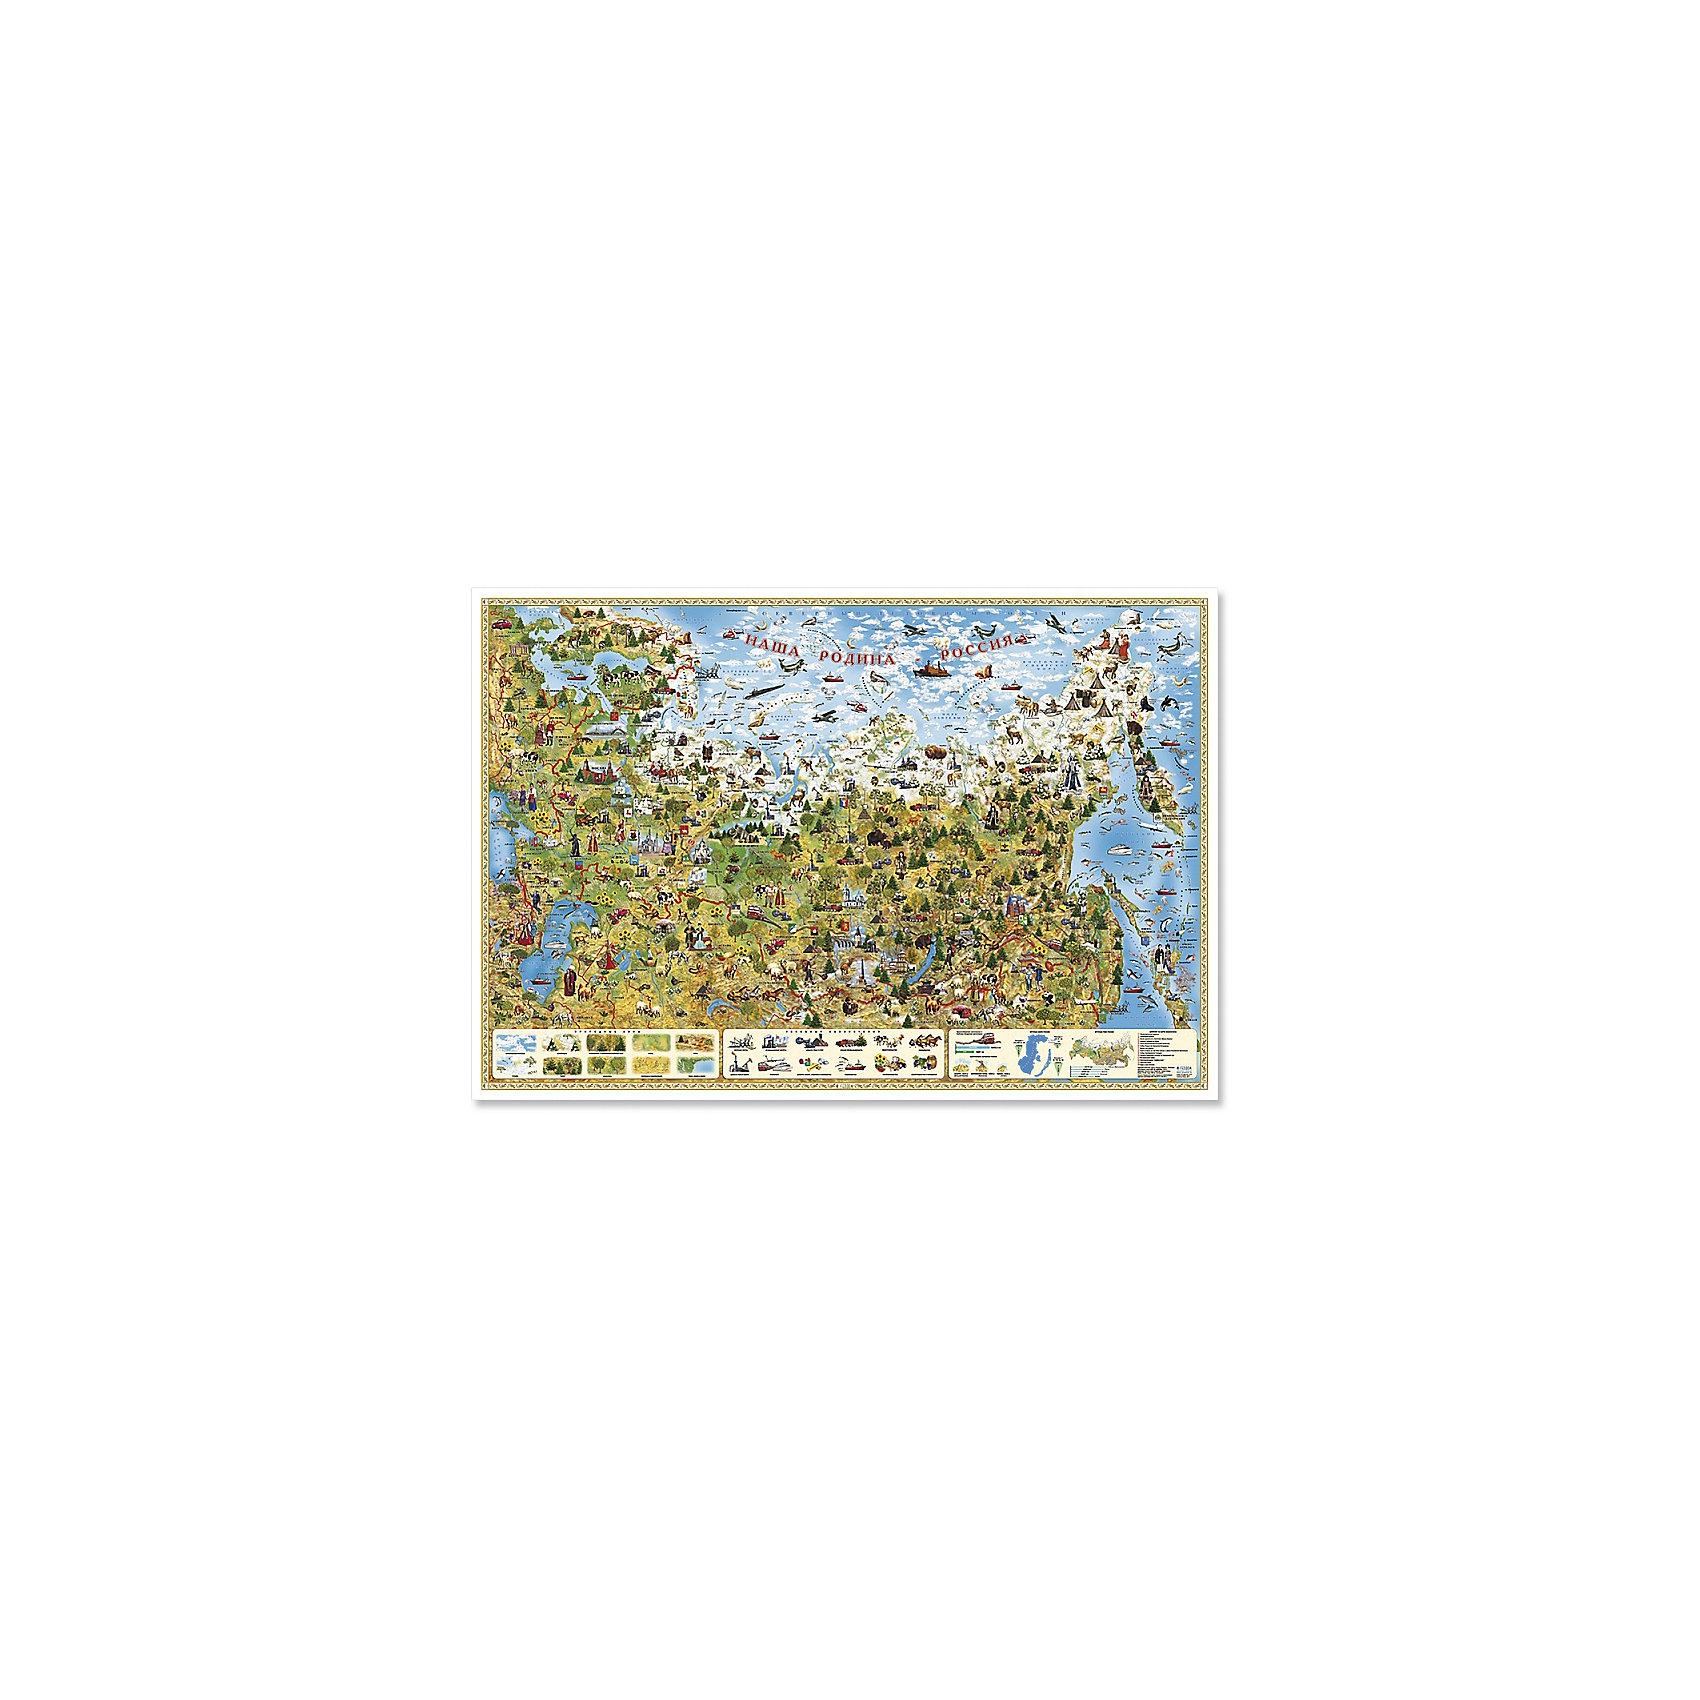 Настенная карта Наша Родина-Россия, 101*69 см, ламинированнаяИздательство Геодом<br>Характеристики товара:<br><br>• материал: ламинированная бумага<br>• возраст: от 3 лет<br>• размер карты: 101х69 см<br>• вес: 150 г<br>• страна производитель: Россия<br><br>Россия - самая большая страна в мире, занимает обширные пространства сразу в двух частях света - в Европе и Азии, граничит с 18 государствами. Здесь обитает огромное разнообразие животных и птиц, множество народов населяют нашу Родину. Благодаря карте Наша Родина -Россия ребенок может узнать как сказочно богата природными ресурсами наша страна, такими как золото, уголь, алмазы, газ; развито животноводство и сельское хозяйство.<br><br>Настенную карту Наша Родина-Россия, 101*69 см, ламинированную можно купить в нашем интернет-магазине.<br><br>Ширина мм: 1010<br>Глубина мм: 690<br>Высота мм: 1<br>Вес г: 150<br>Возраст от месяцев: 36<br>Возраст до месяцев: 2147483647<br>Пол: Унисекс<br>Возраст: Детский<br>SKU: 5422999